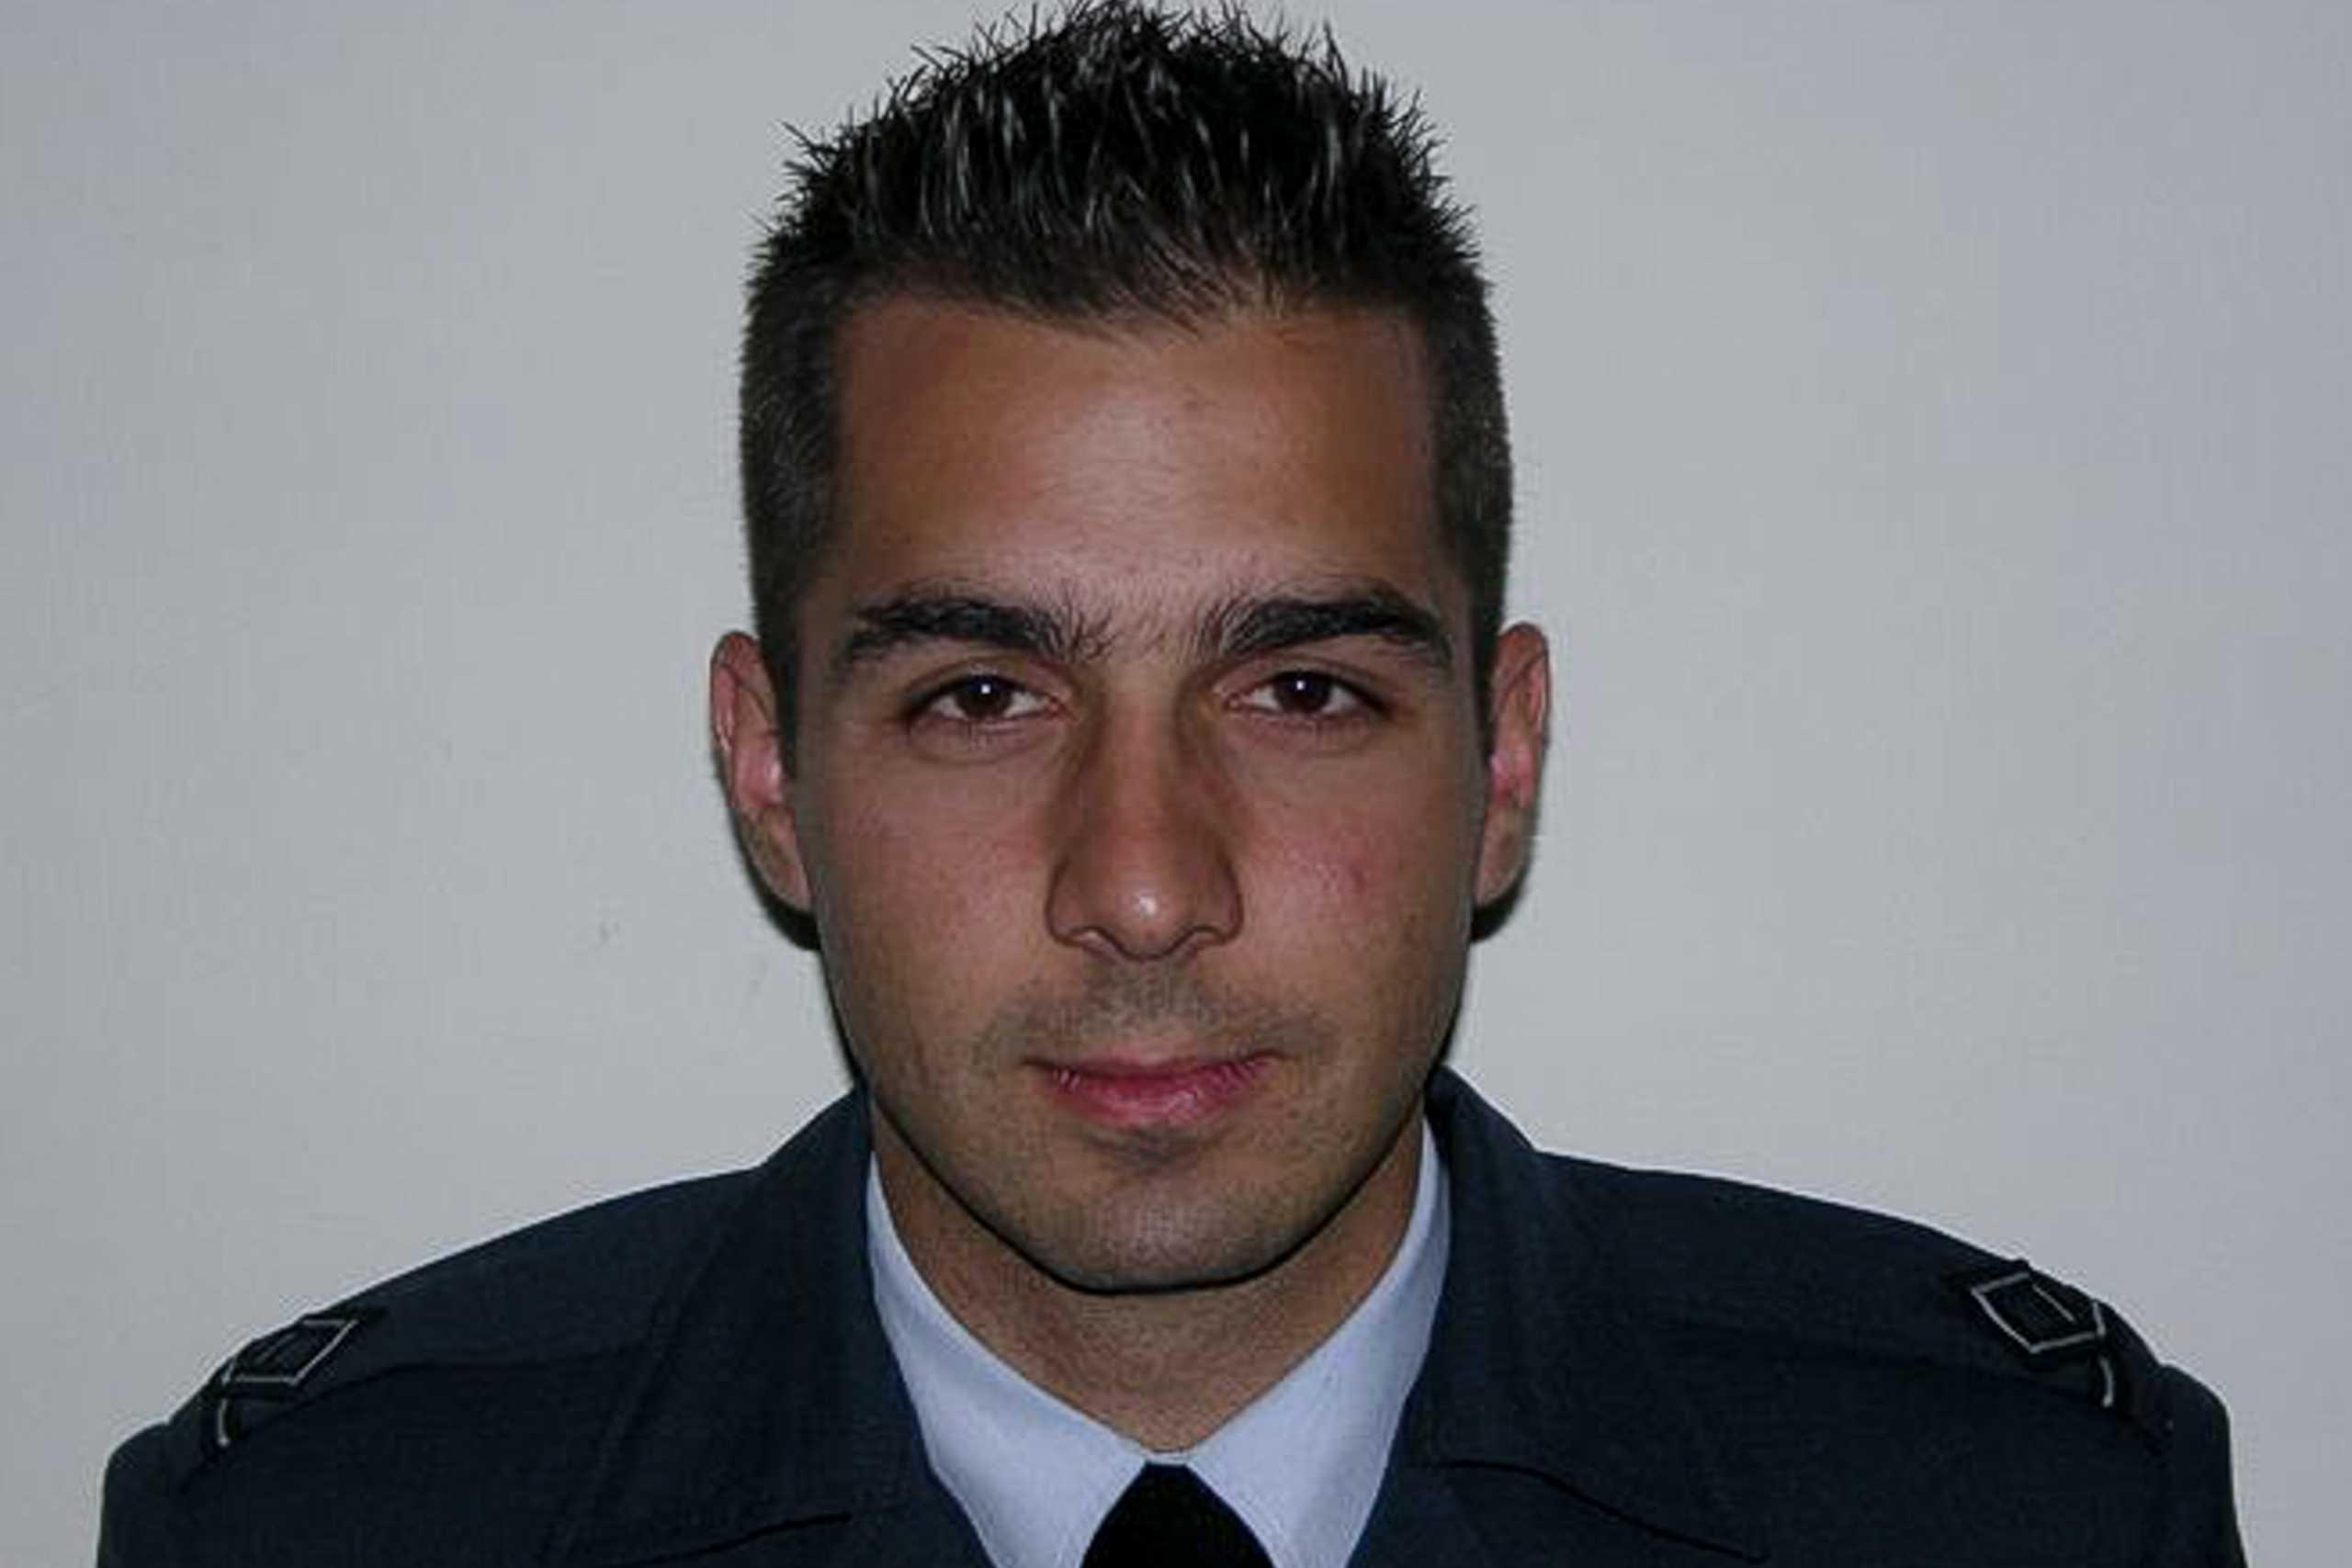 Γιώργος Μπαλταδώρος: Ρίγη συγκίνησης για τον ήρωα πιλότο που έπεσε για την πατρίδα